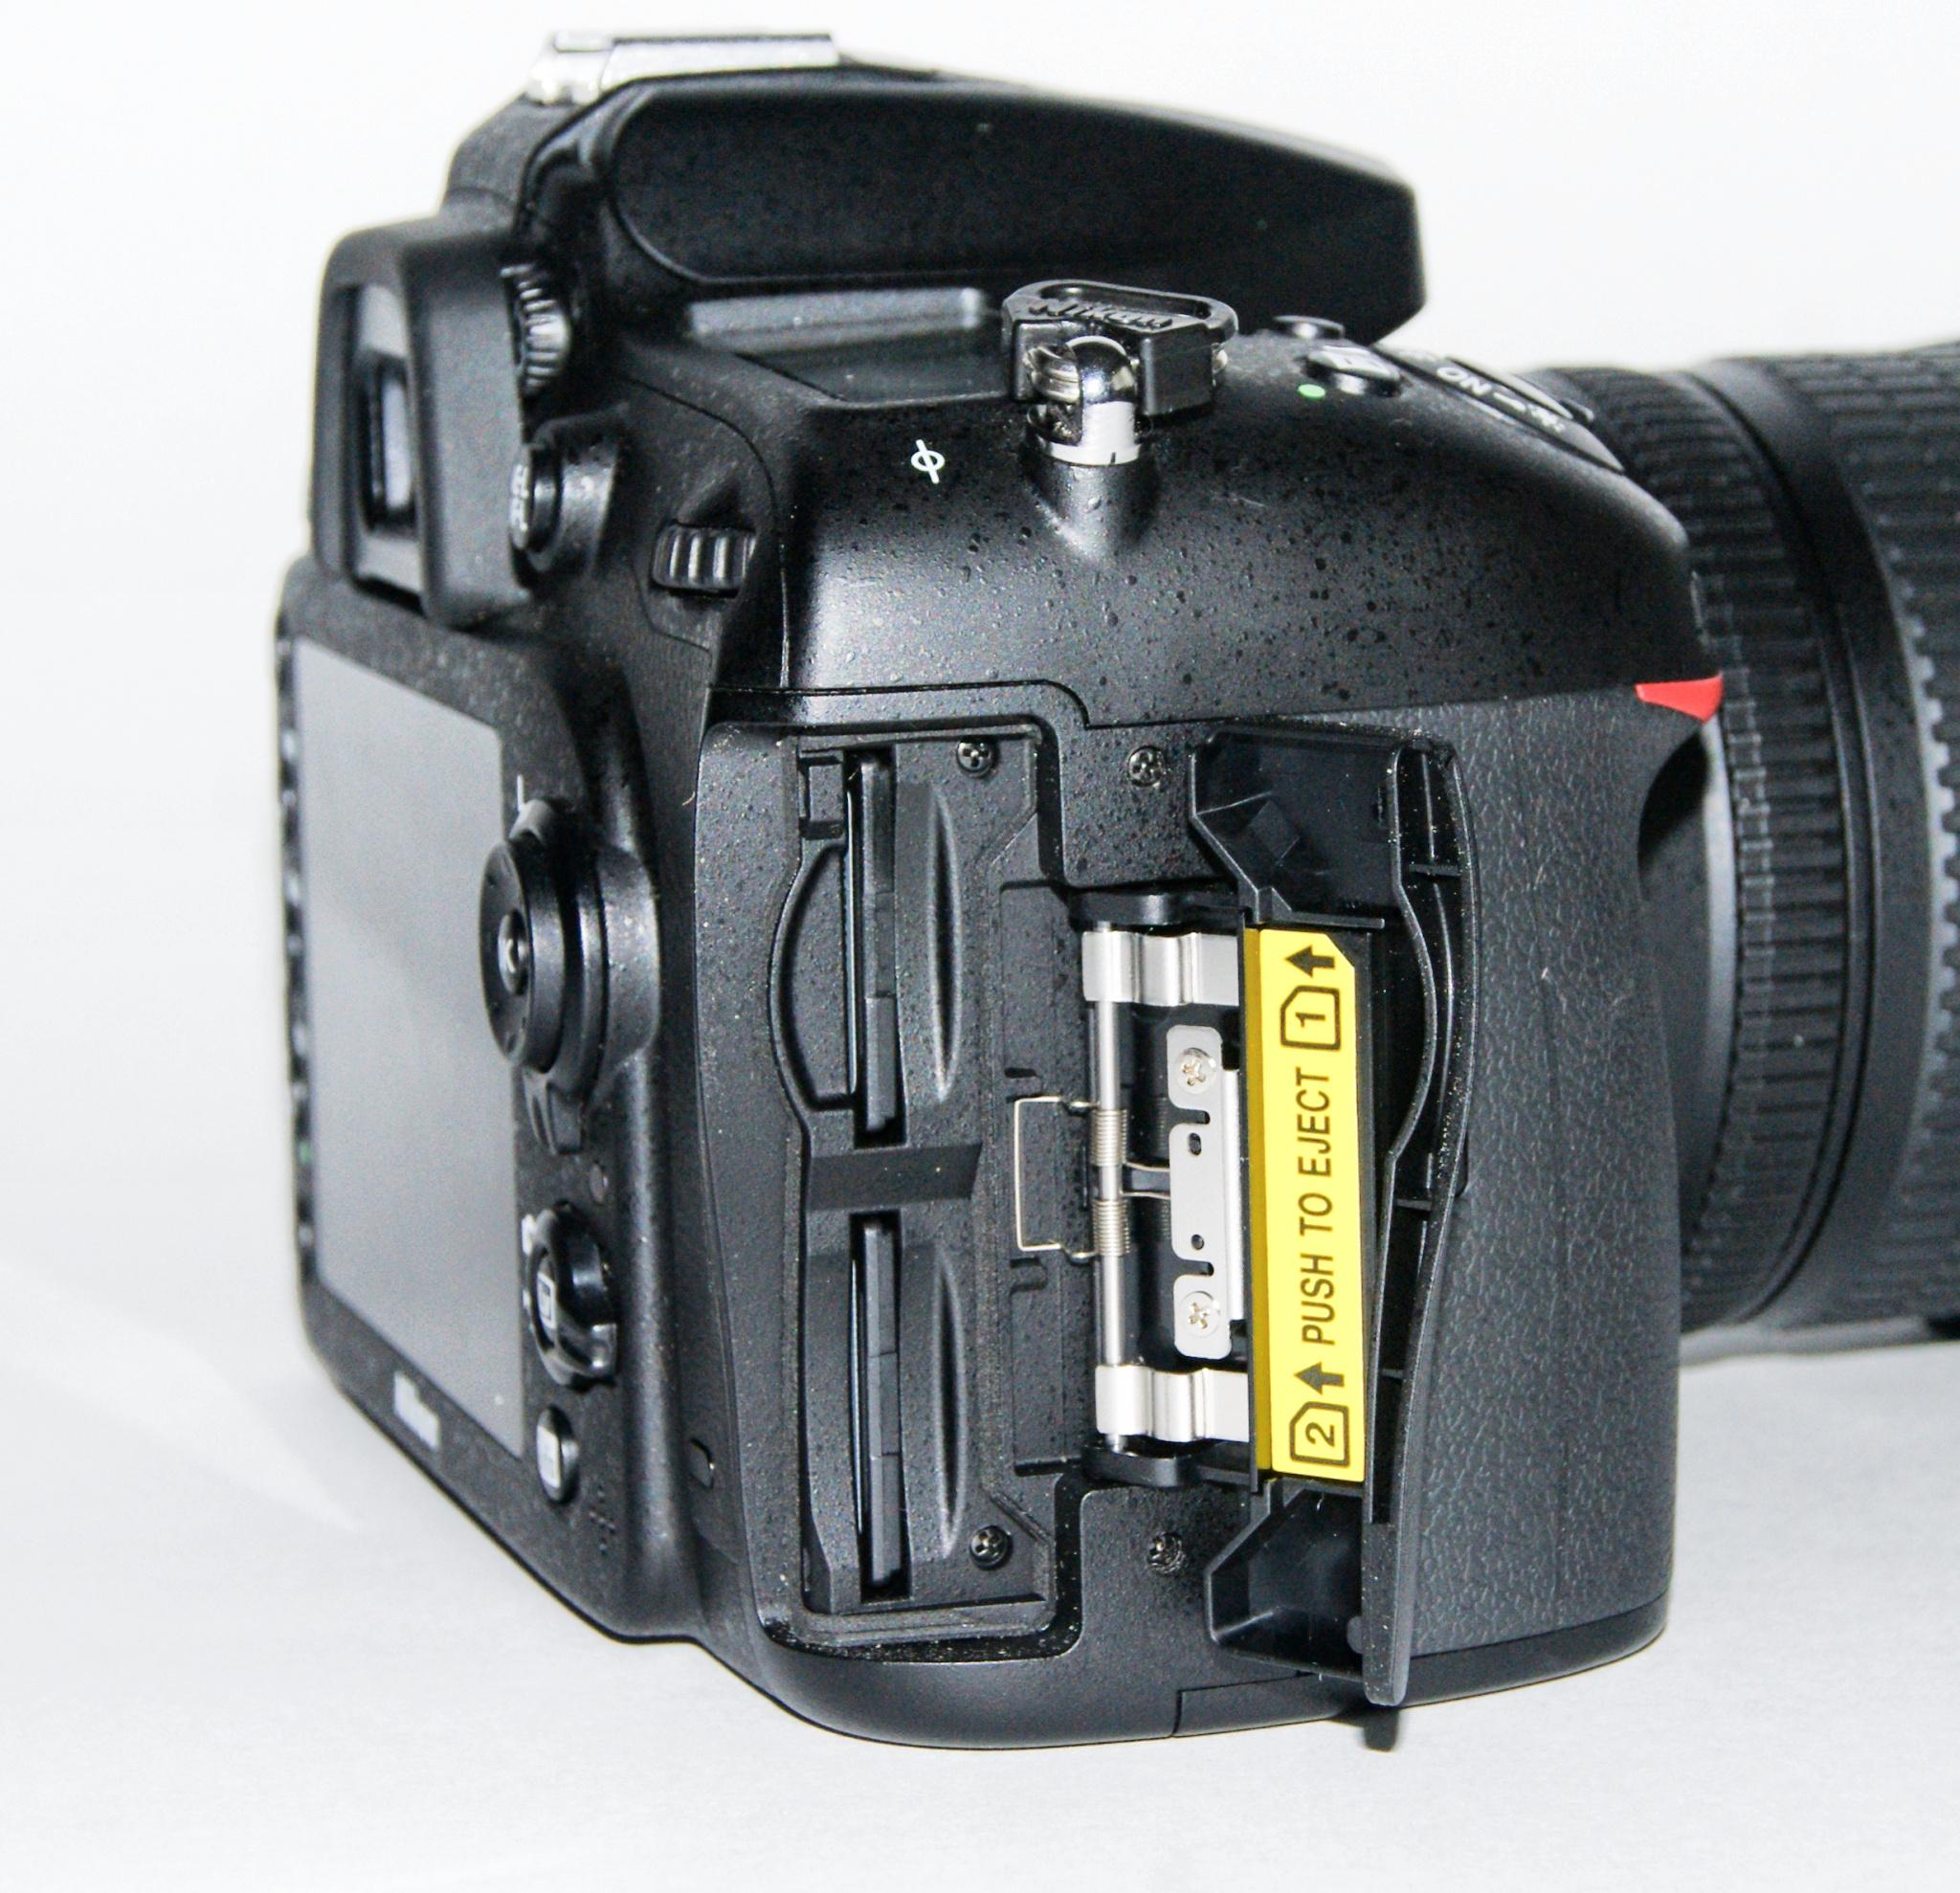 развития цифровых зеркальных фотоаппаратов